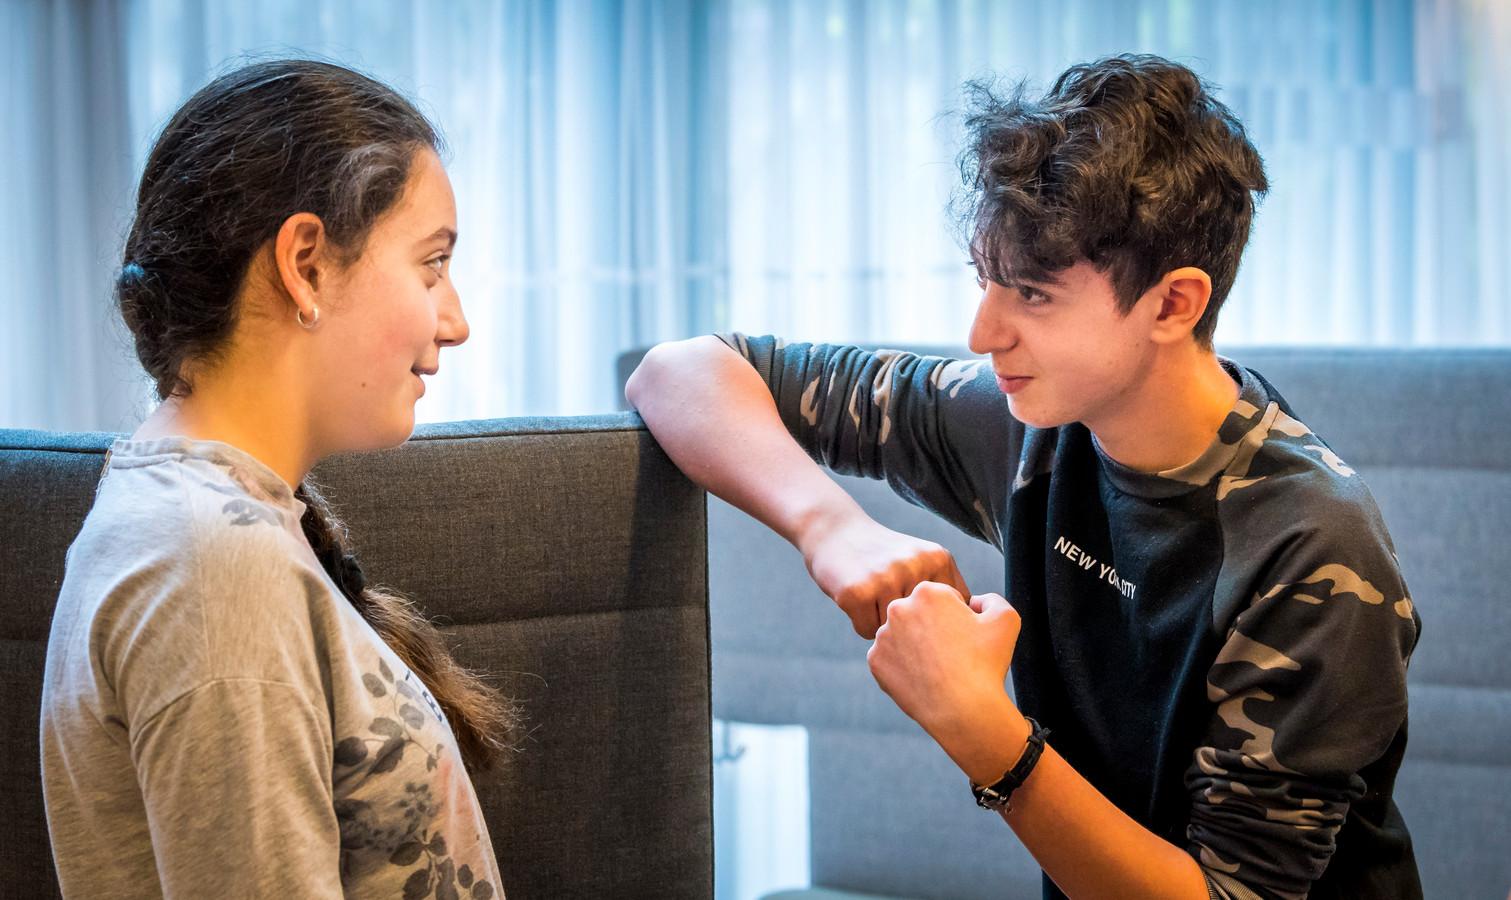 2018-08-13 09:53:07 DEN HAAG - De twee Armeense kinderen Lily en Howick voorafgaand aan de zitting van de Raad van State over hun asielprocedure. ANP LEX VAN LIESHOUT